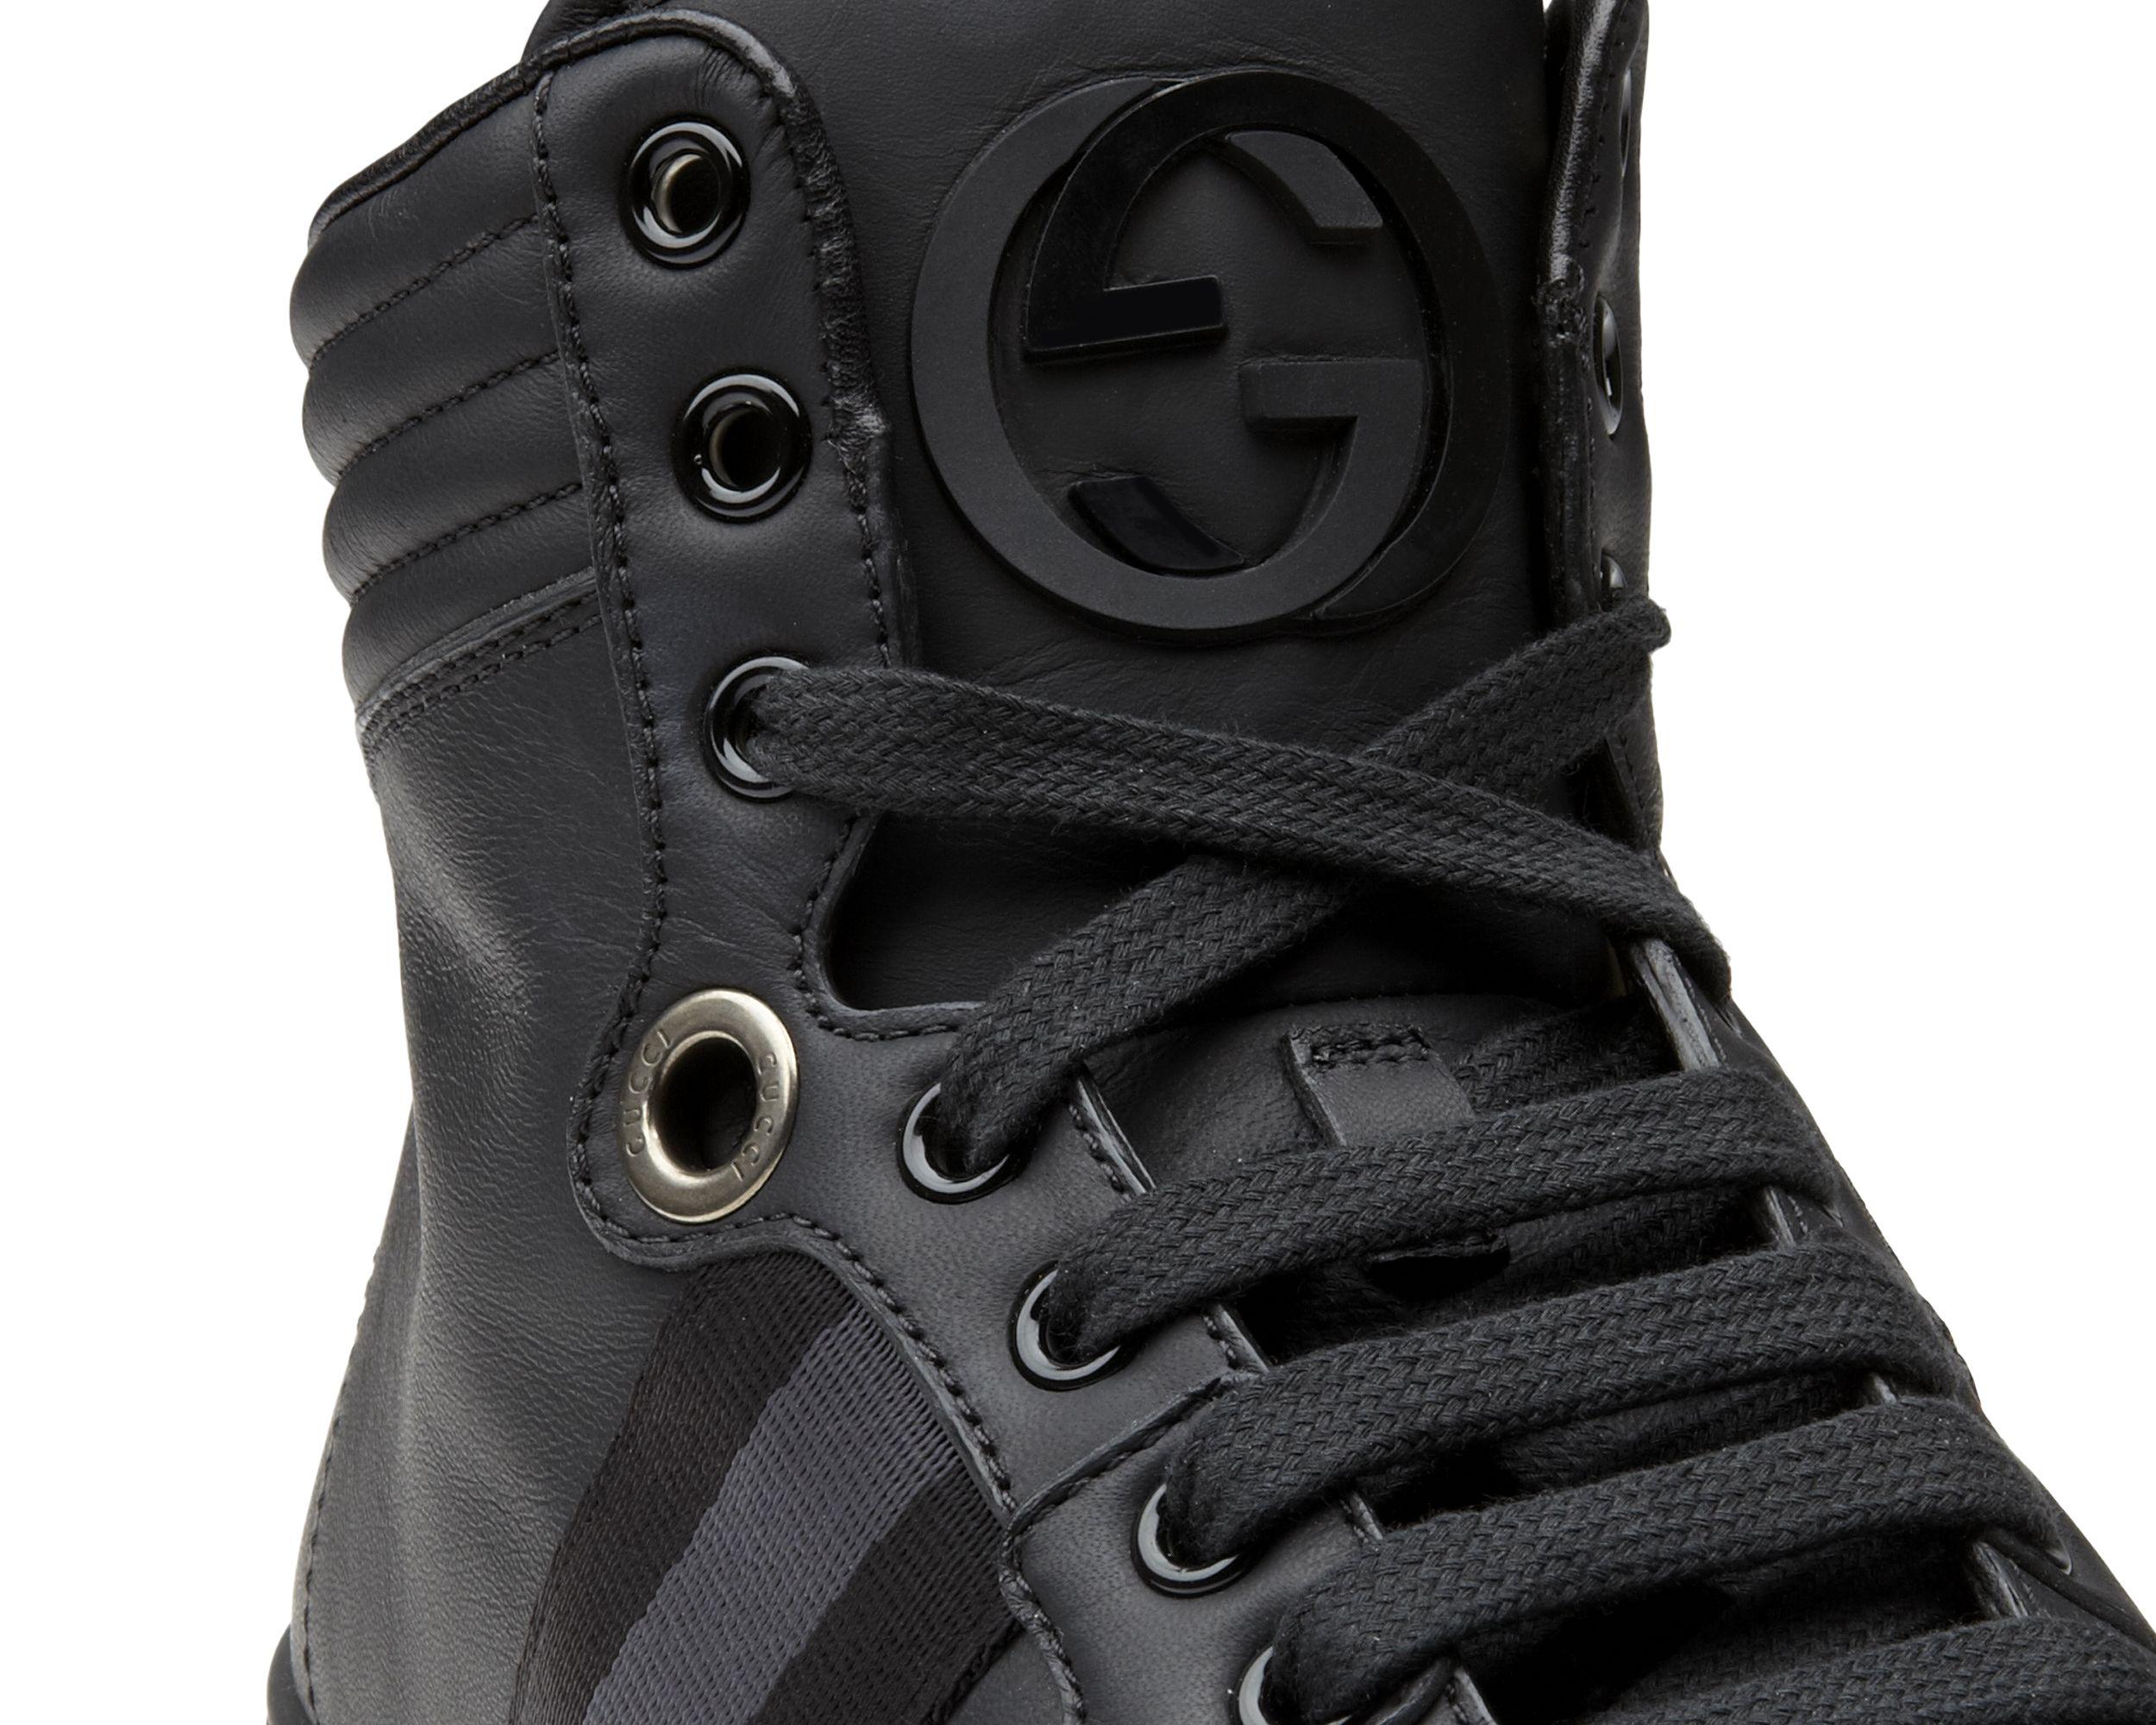 62a3bd41a60 Gucci Viaggio High Top Sneaker  gucciviaggio One of the most chic ...